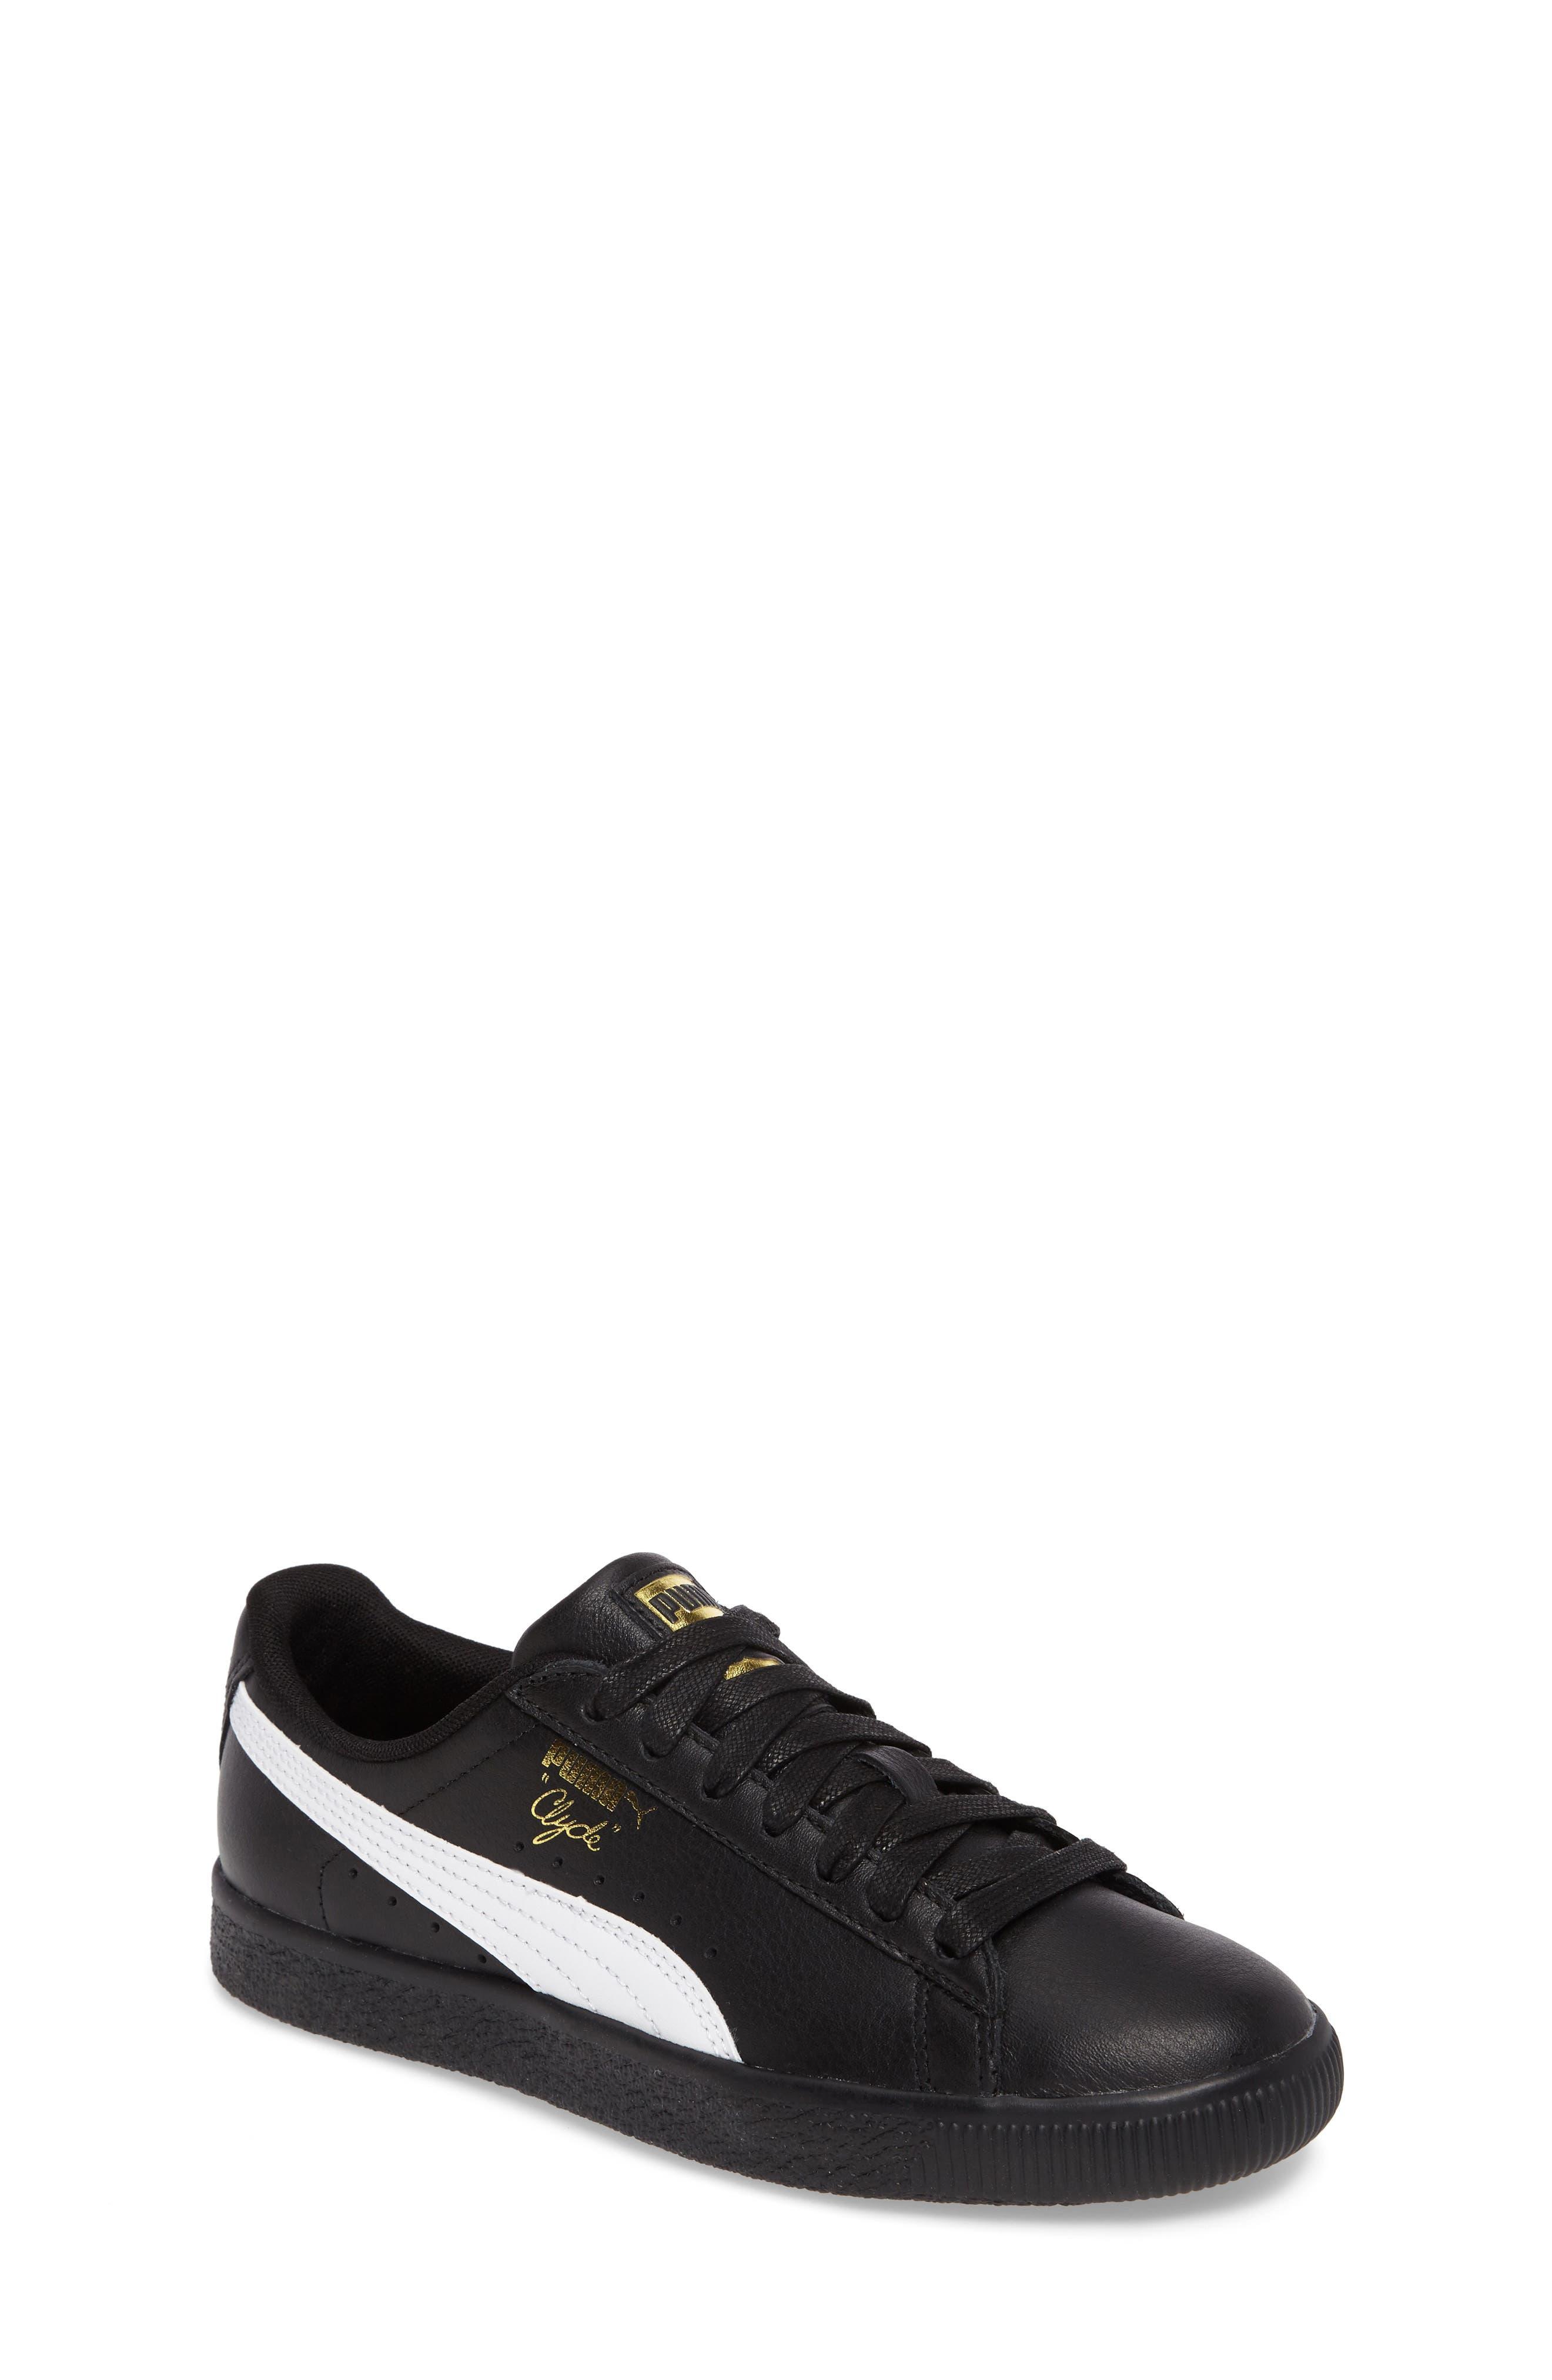 PUMA Clyde Core Foil Sneaker (Big Kid)